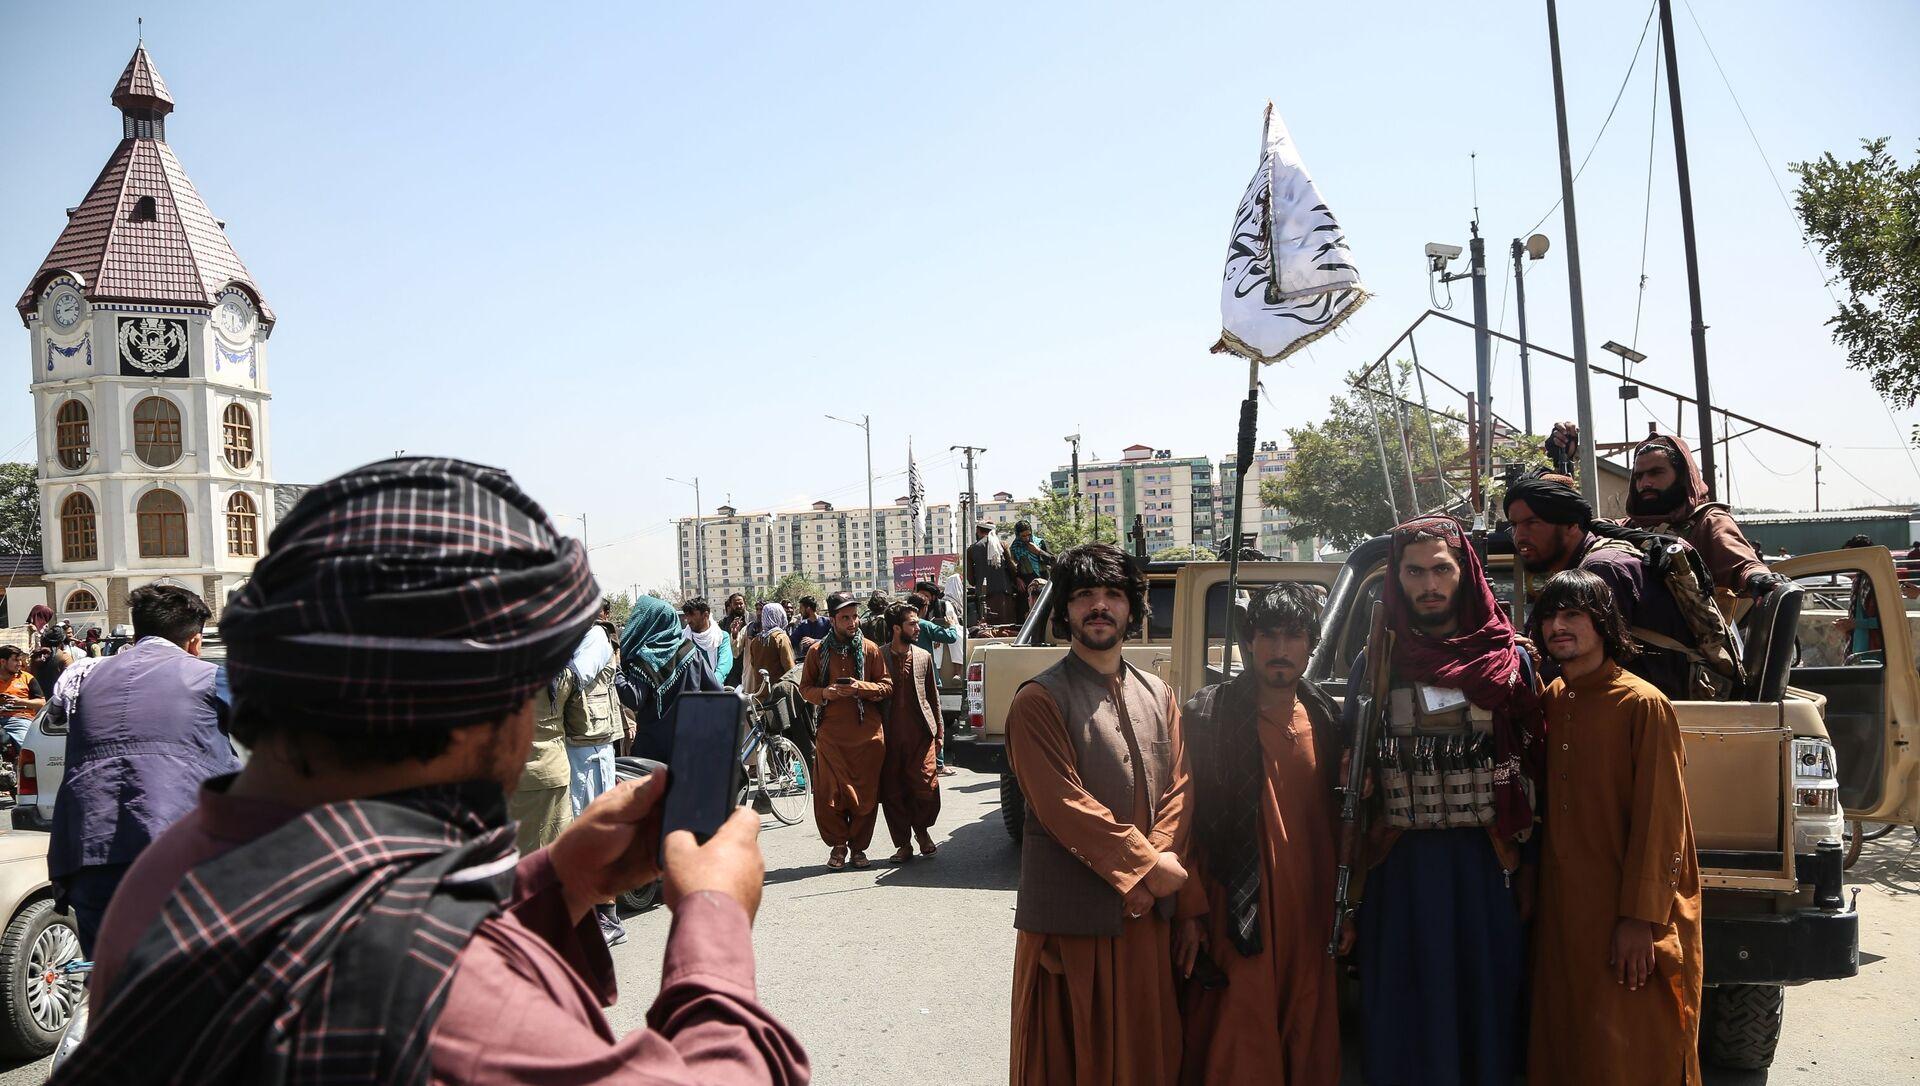 Des talibans à Kaboul - Sputnik France, 1920, 22.08.2021